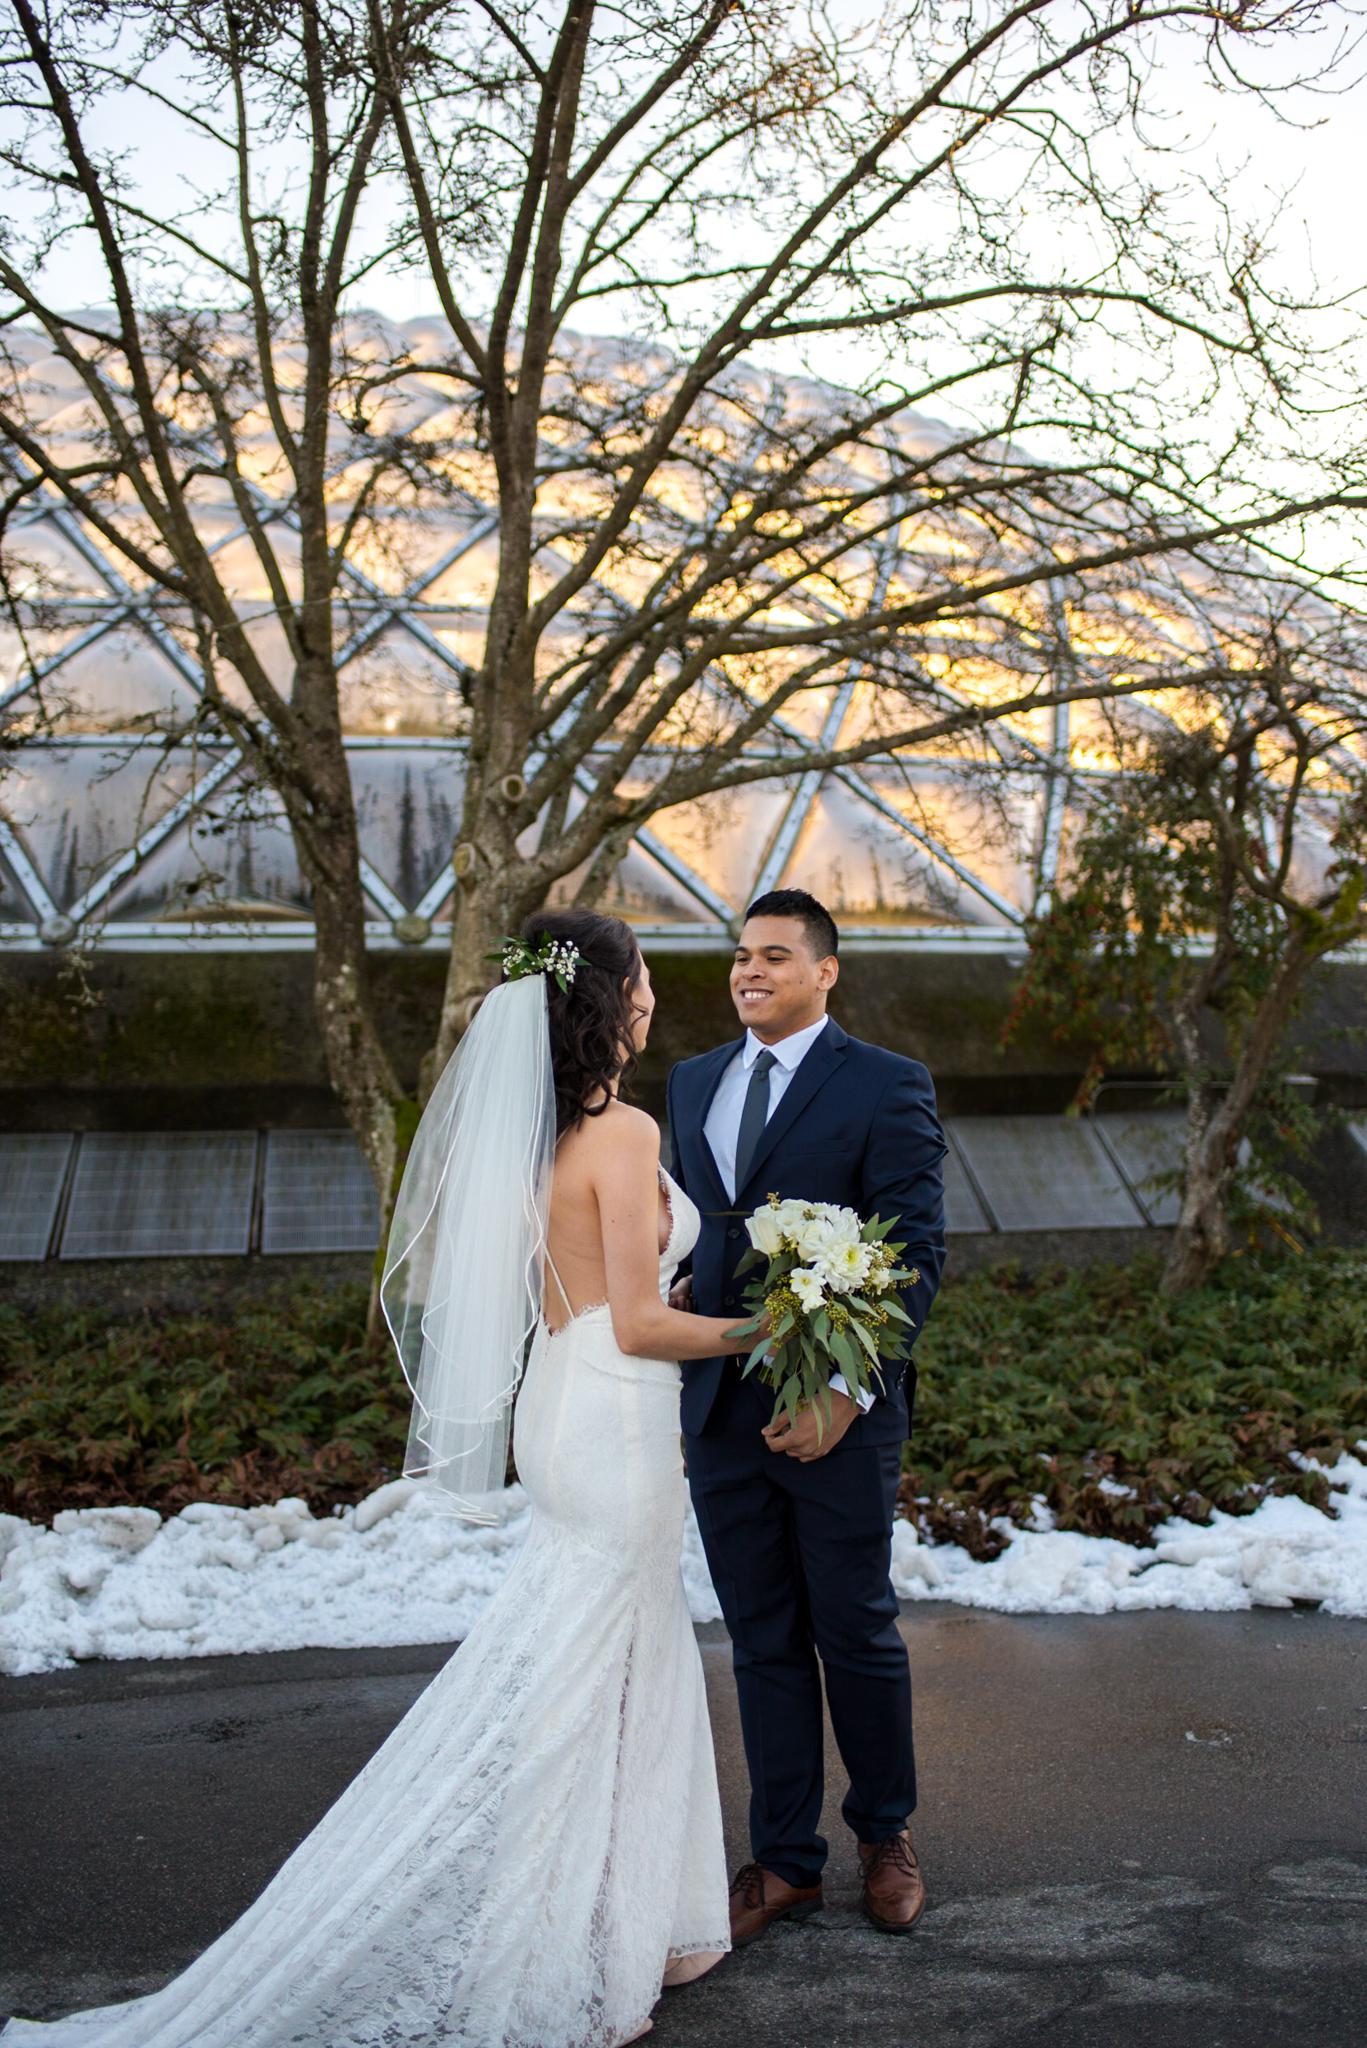 Queen Elizabeth Park Wedding Photographer-10.JPG